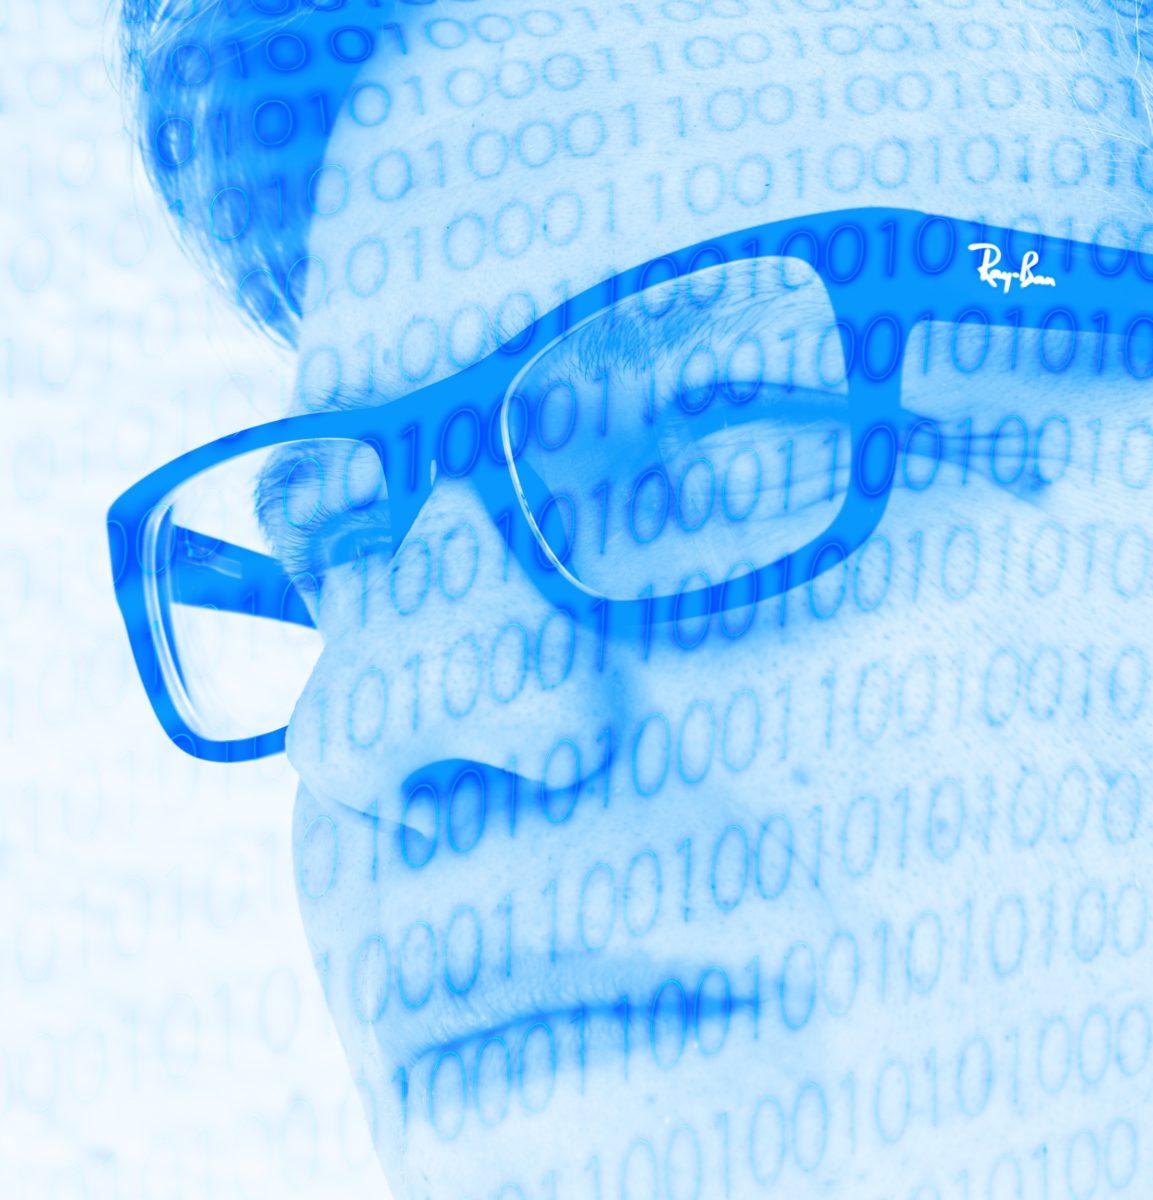 Bild: Gesicht eines männlichen Brillenträgers mit Nullen und Einsen